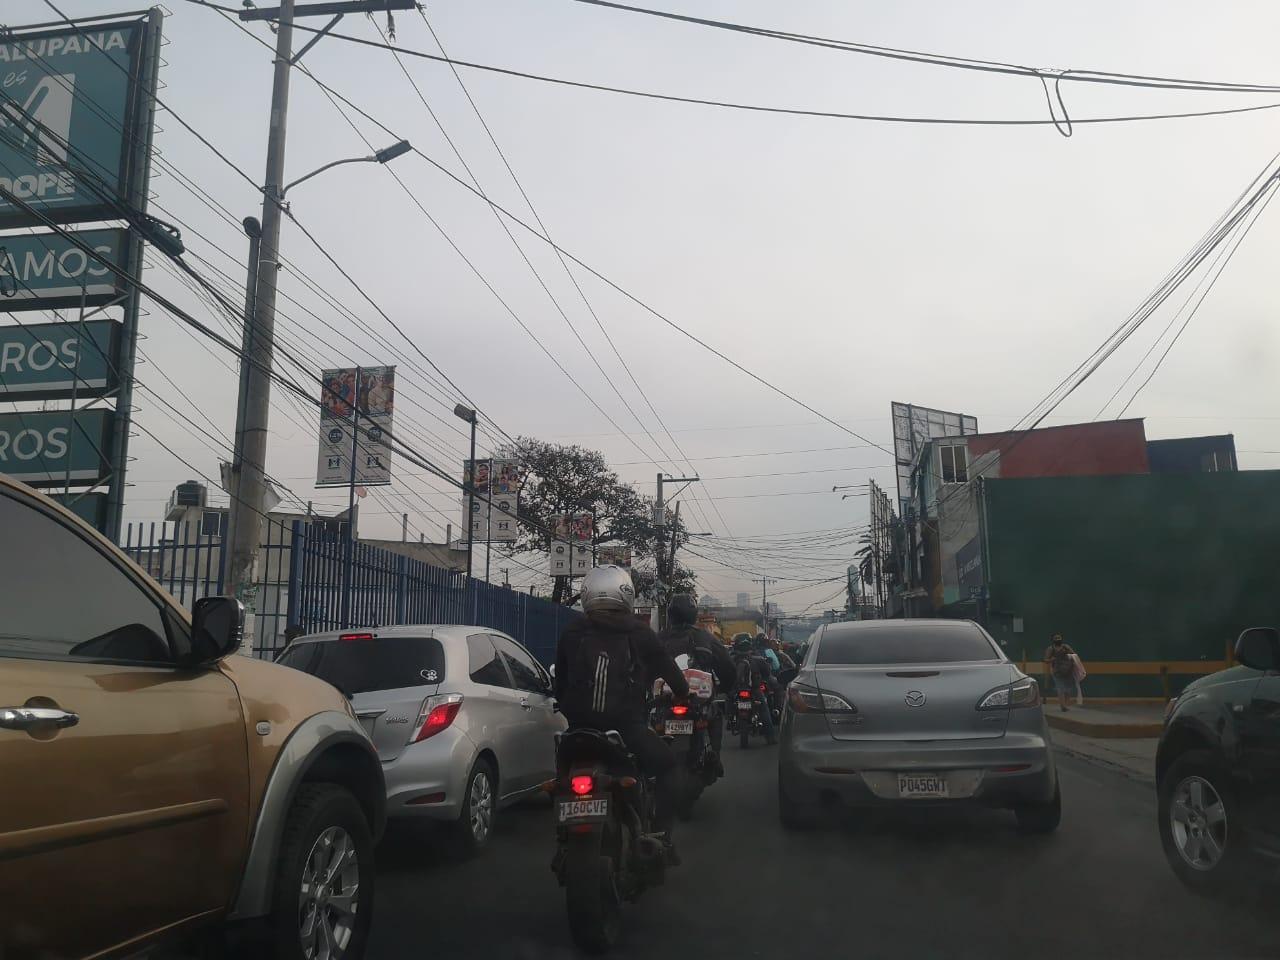 Complicaciones de tránsito en los ingresos a la Capital